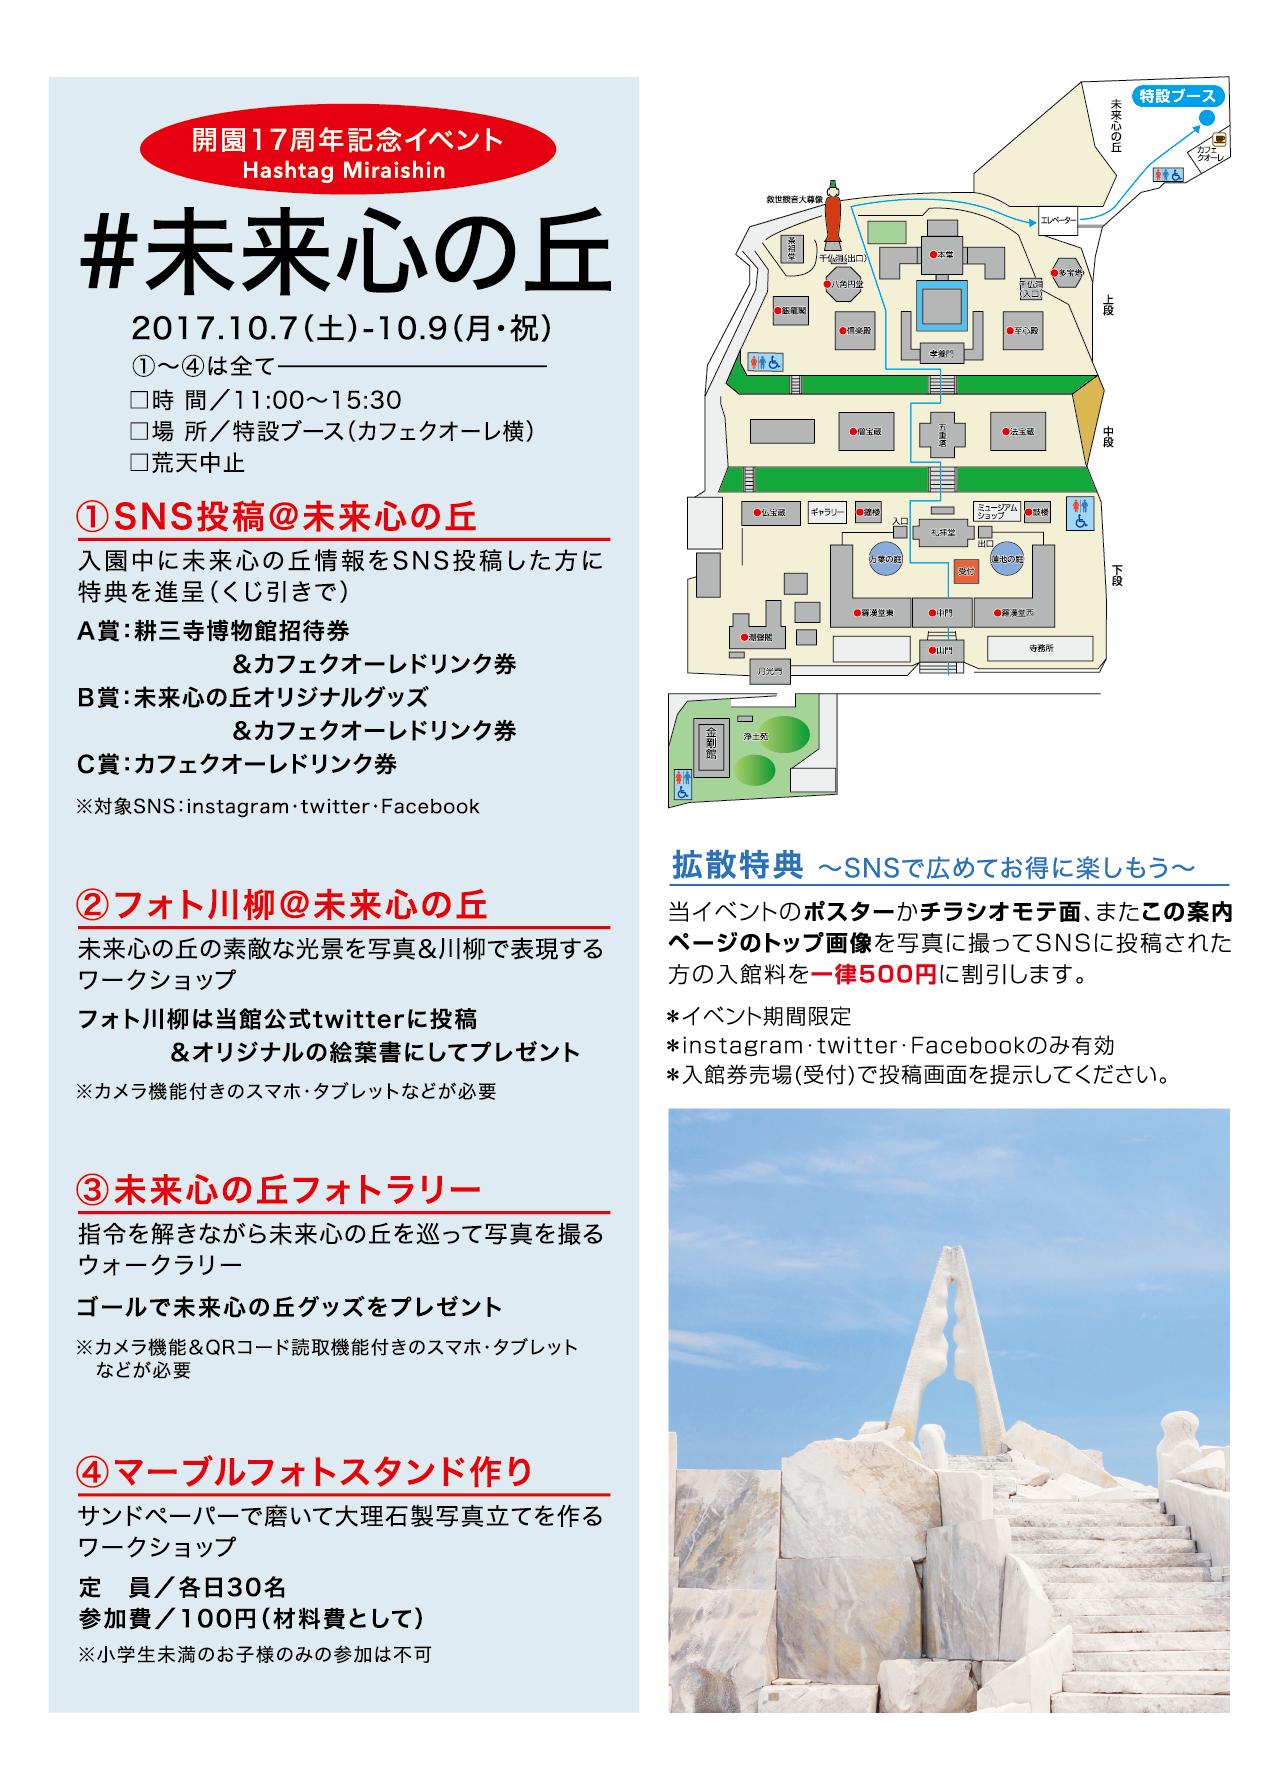 耕三寺・A4(両面)-02